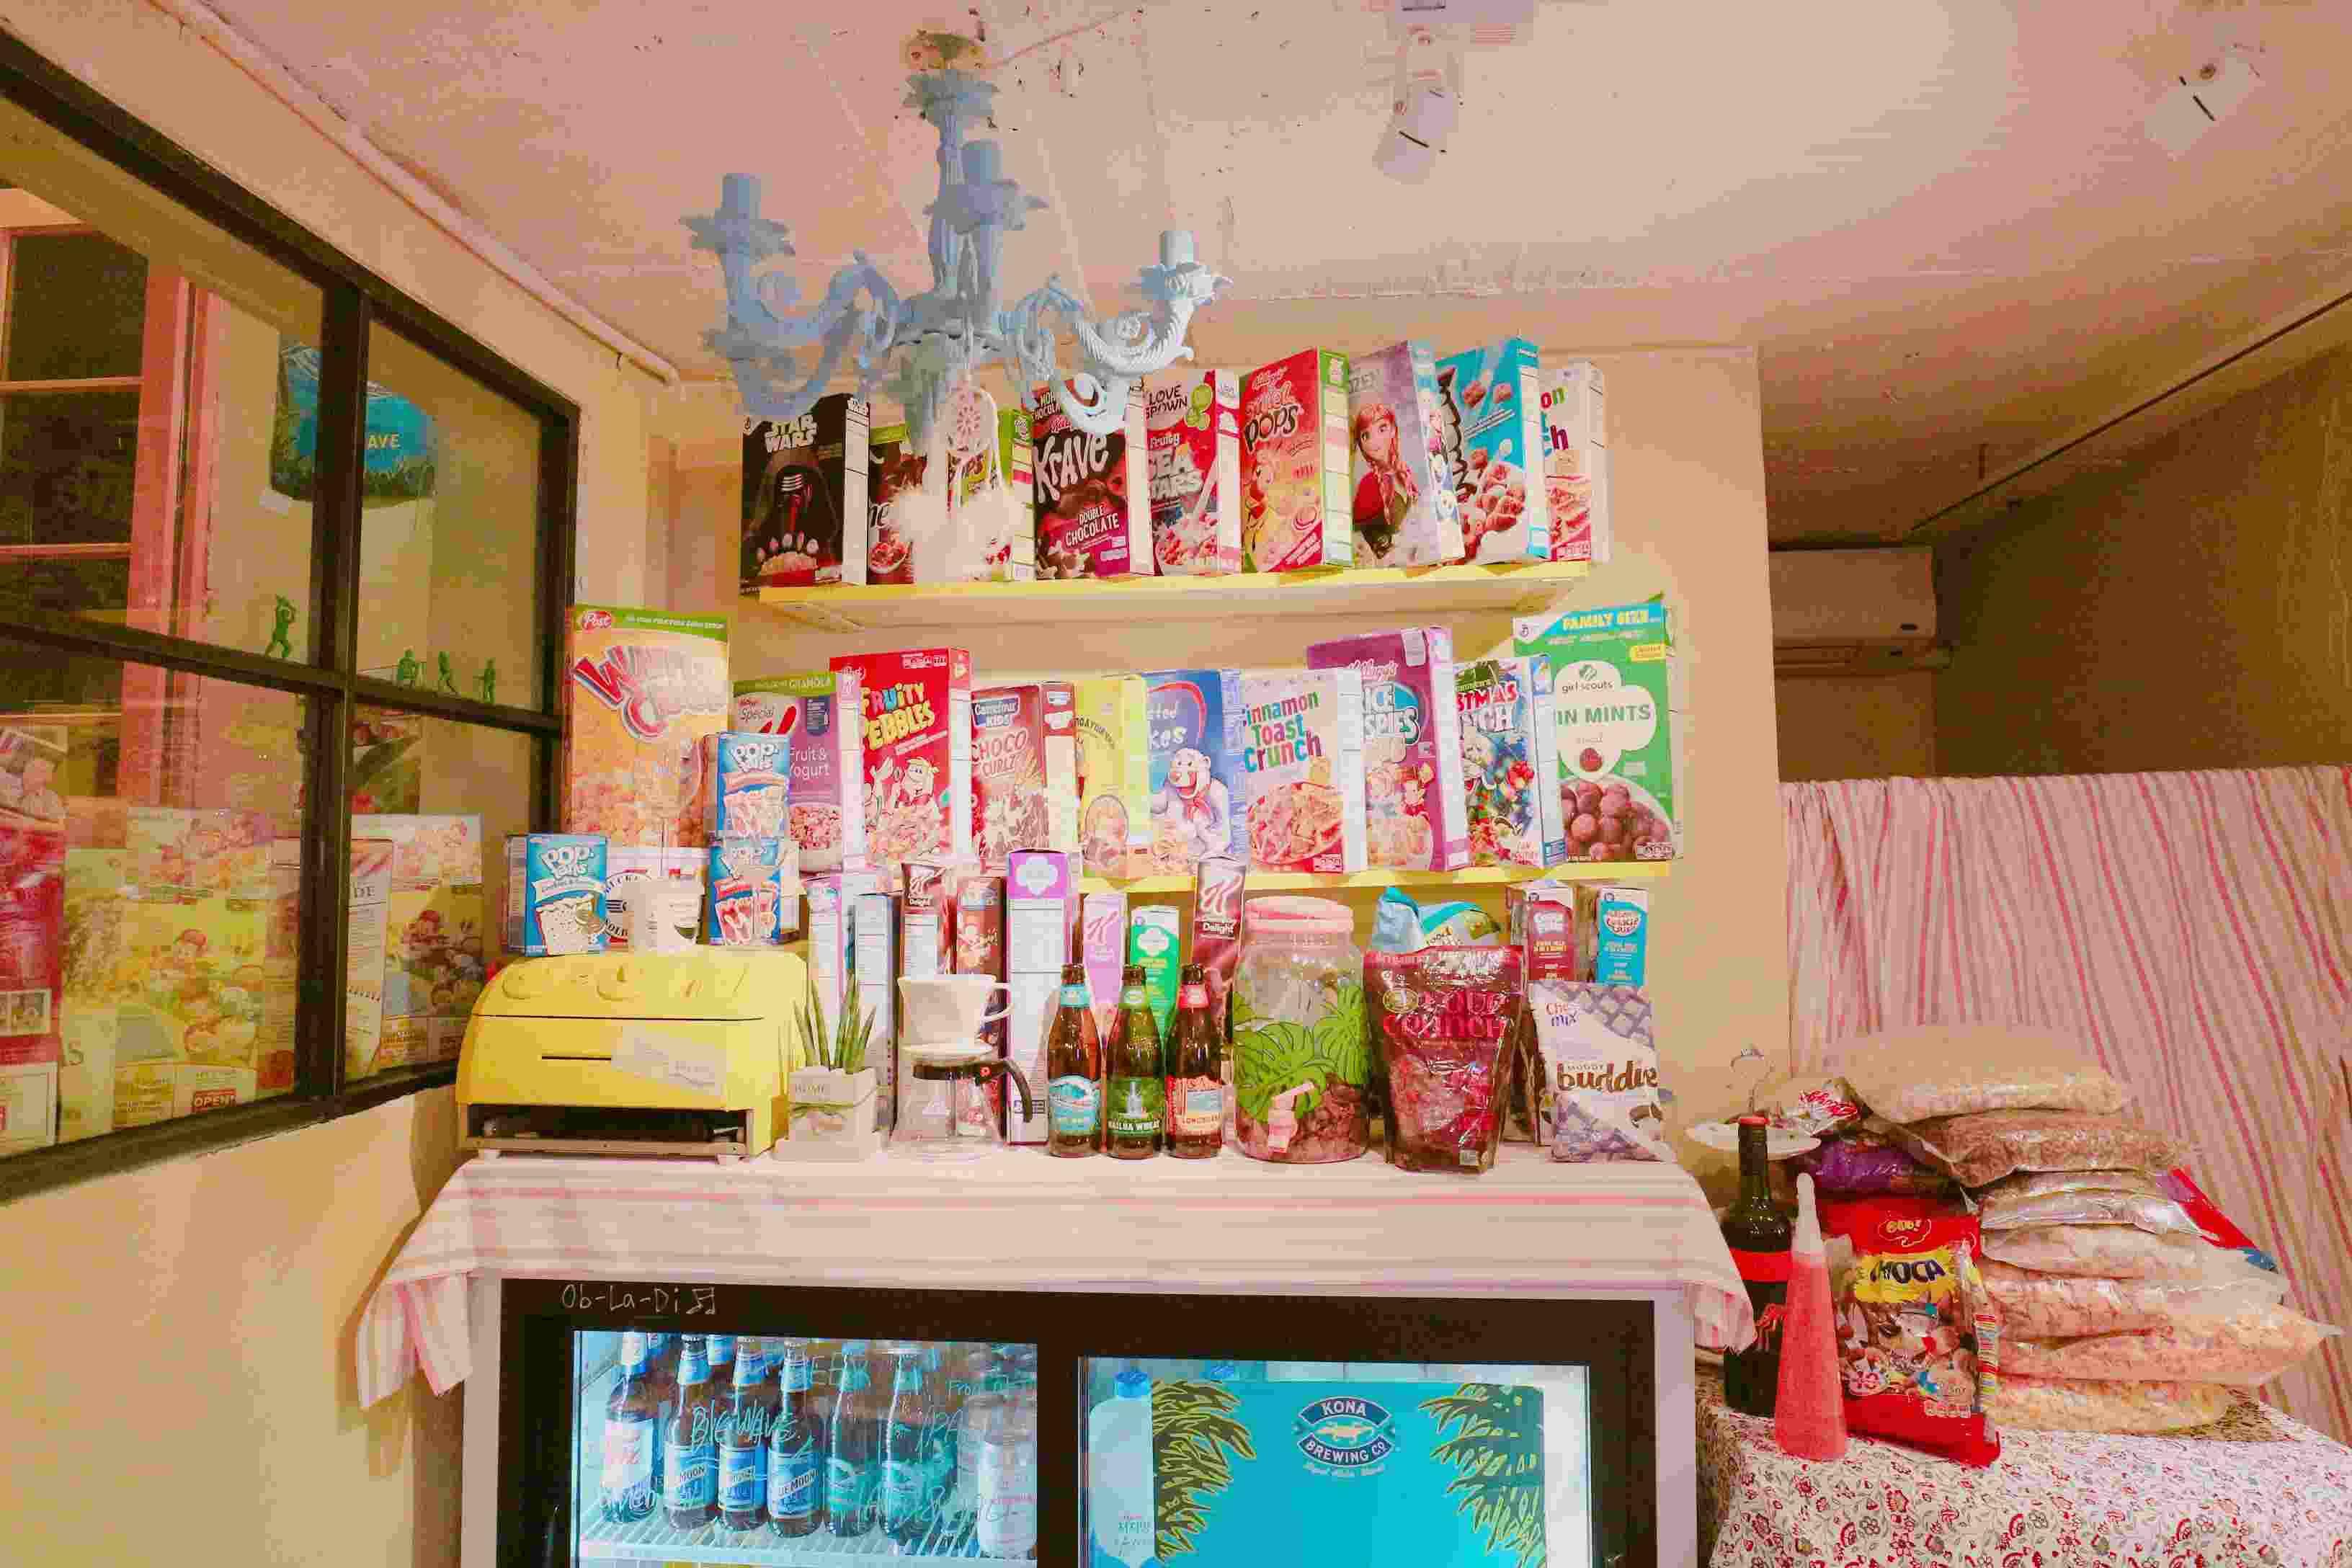 下了小梯級,走進店內完全是大開眼界。形形色色的谷物包裝盒,有秩序的放在店內不同位置。而且店內更是粉紅粉紅的裝潢,少女心馬上湧現喔!